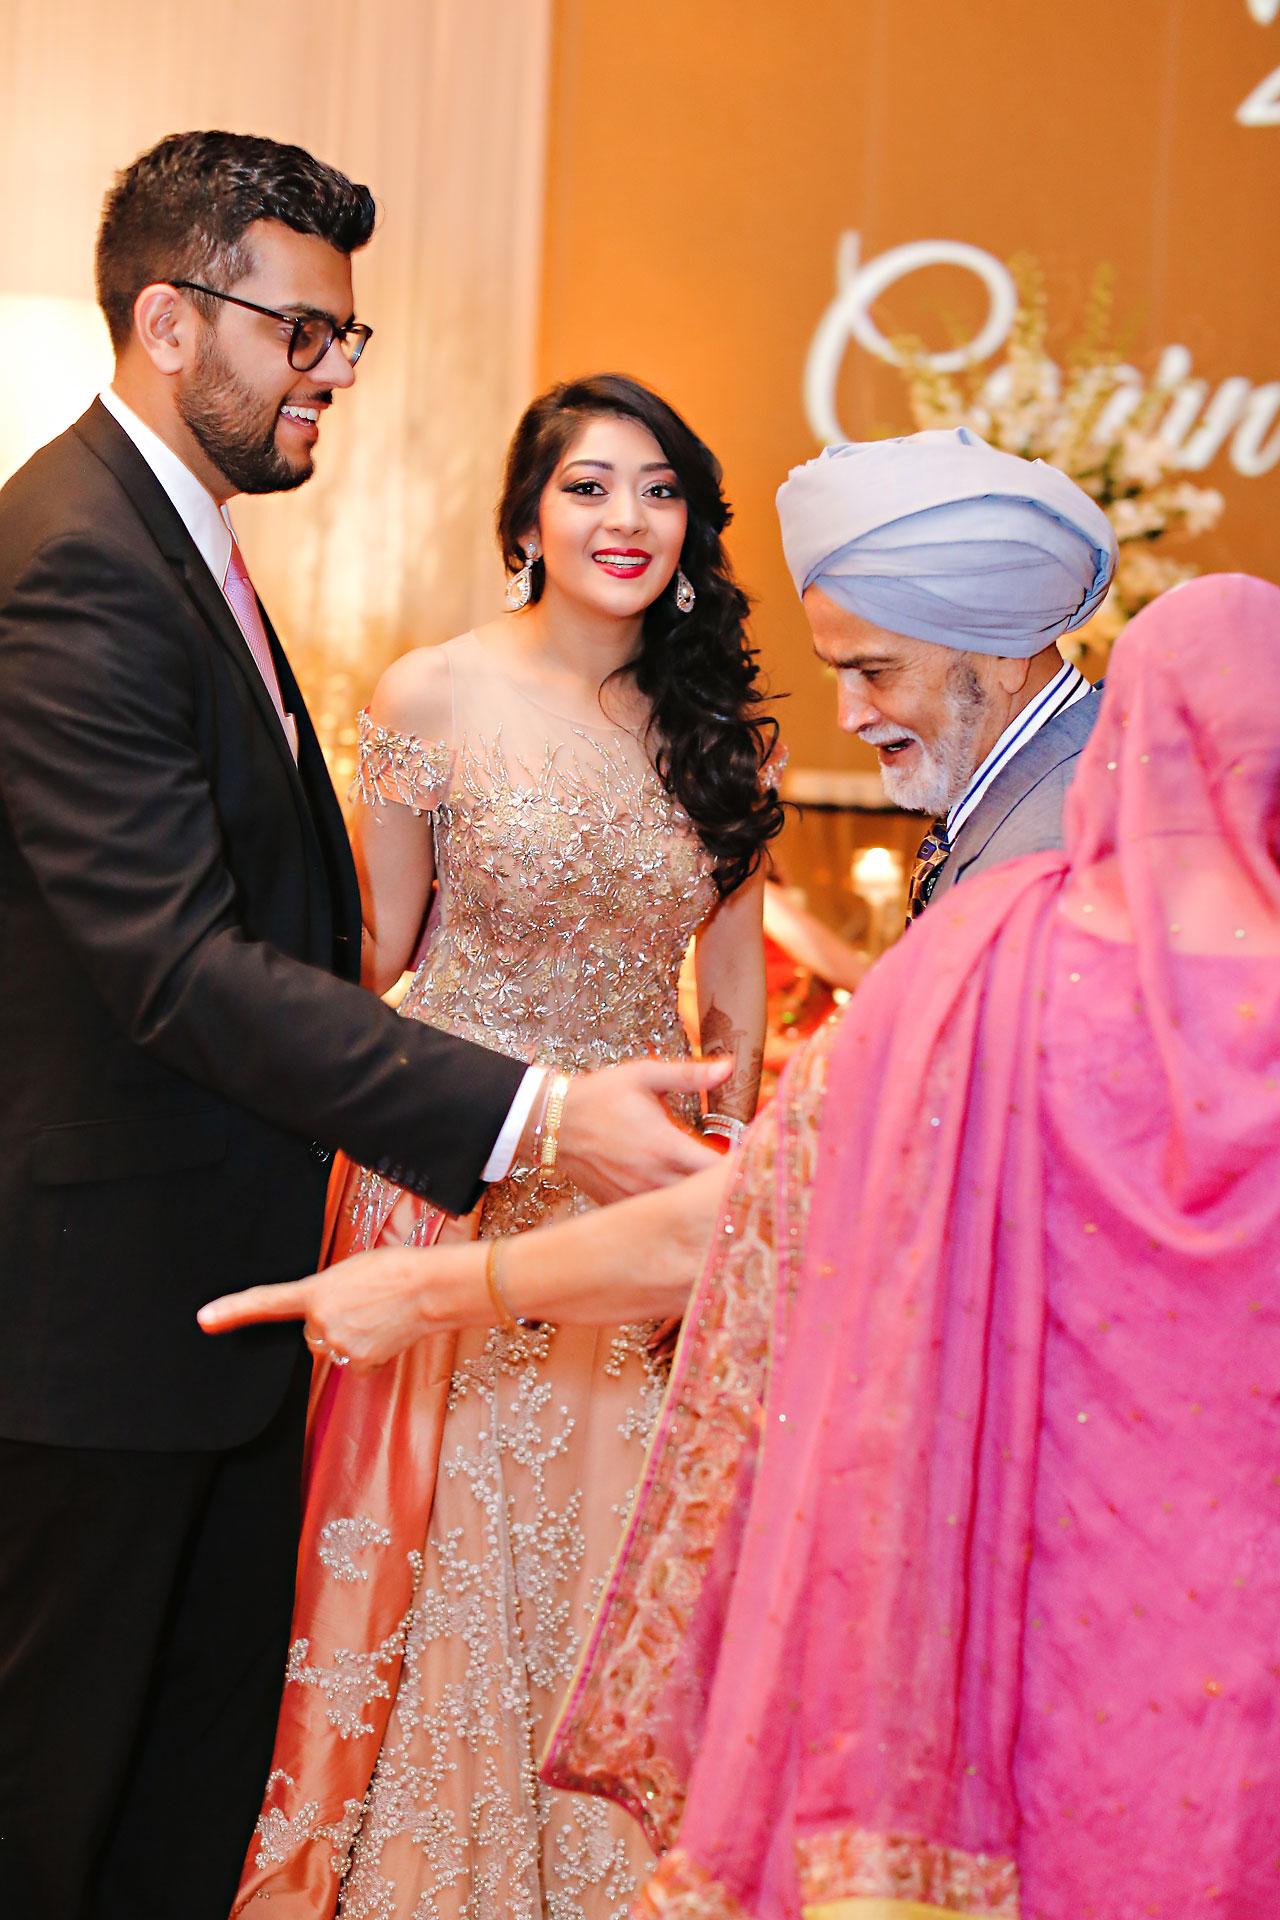 Jasleen Caarn JW Marriott Wedding 155